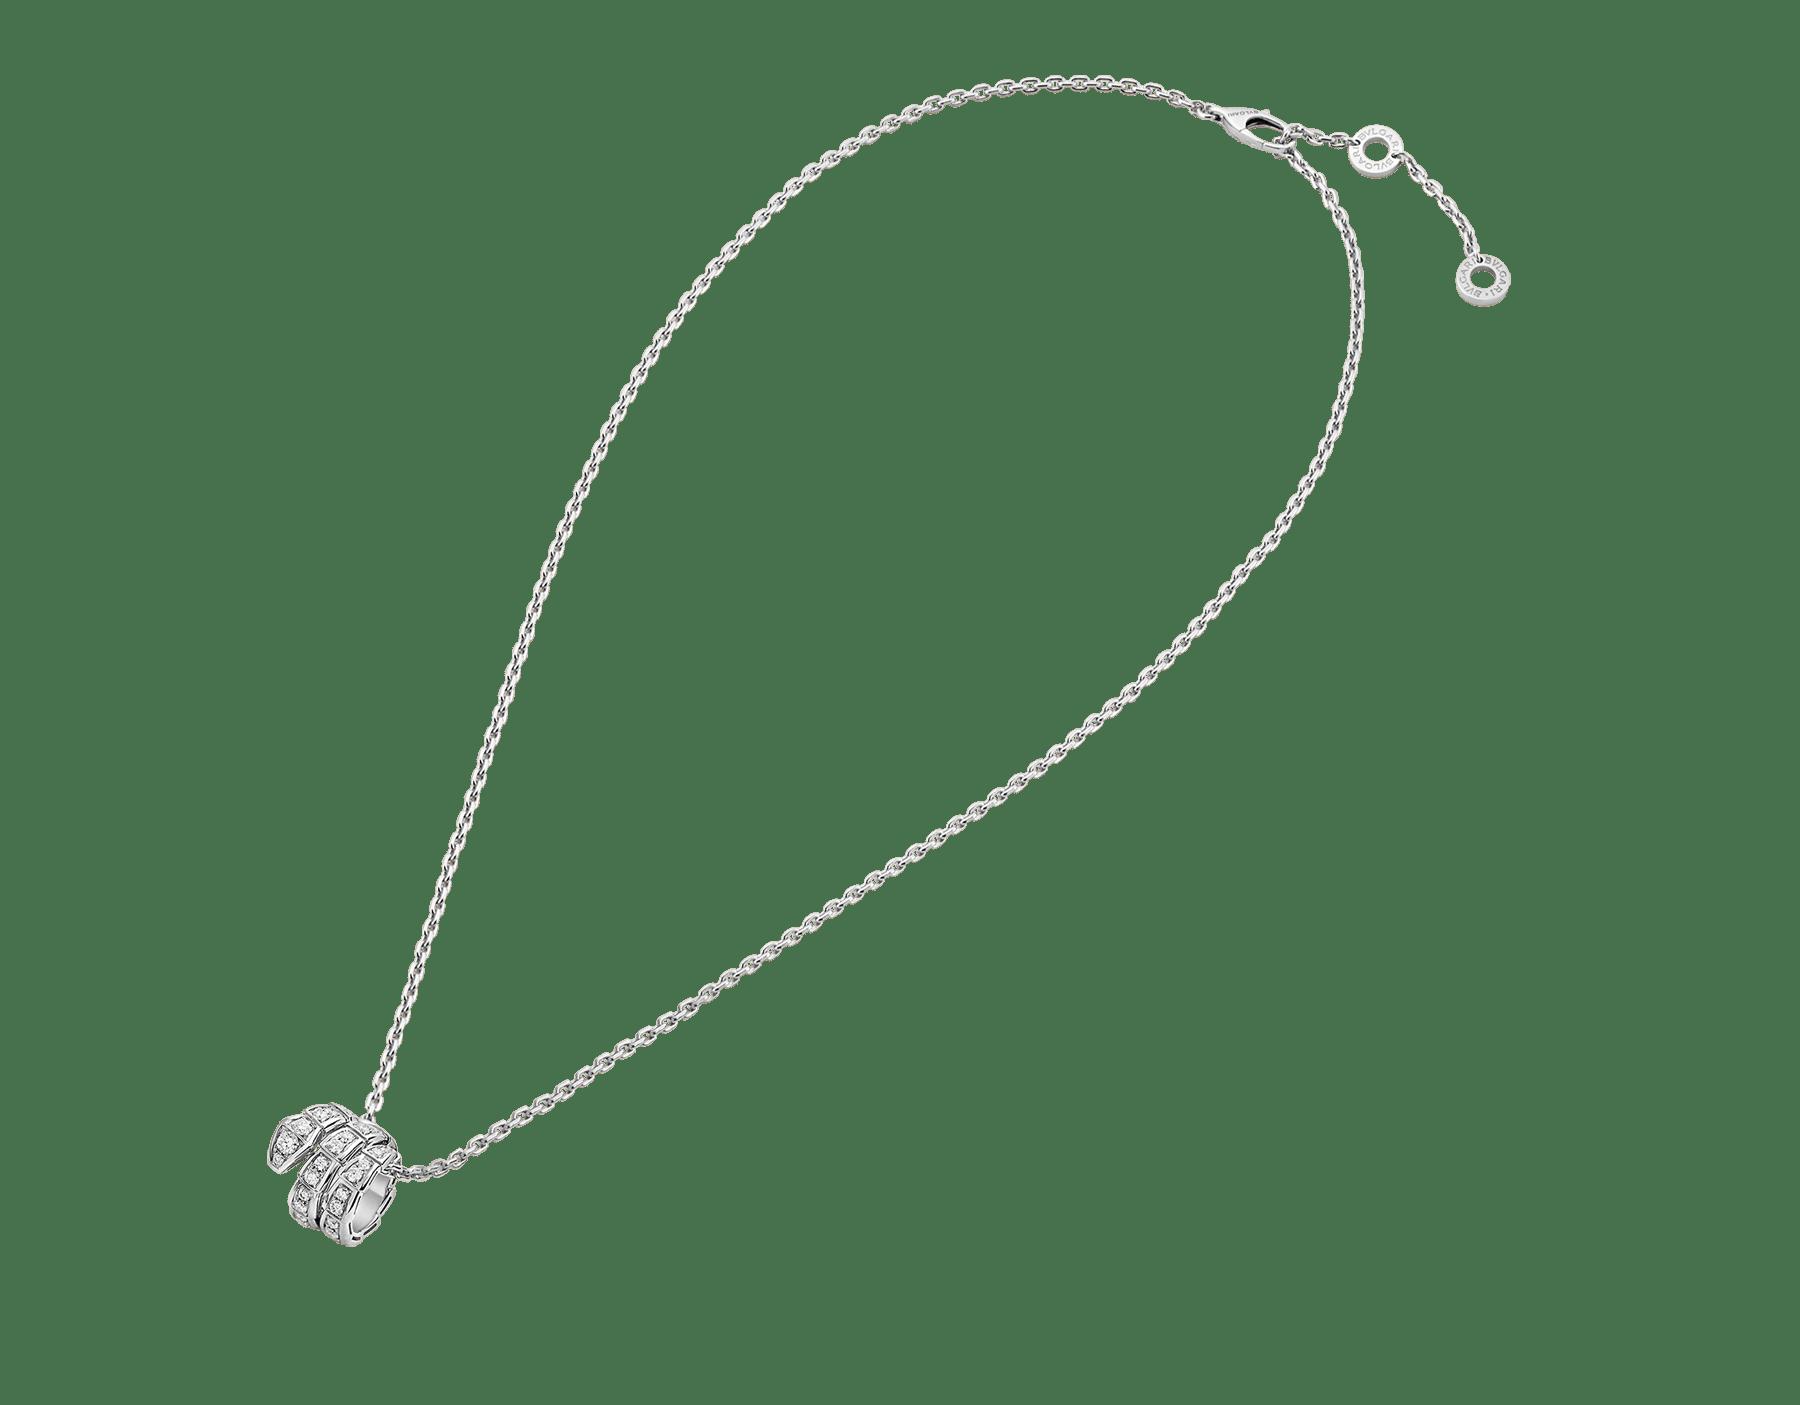 Collana con pendente Serpenti Viper in oro bianco 18 kt con pavé di diamanti. 357796 image 2